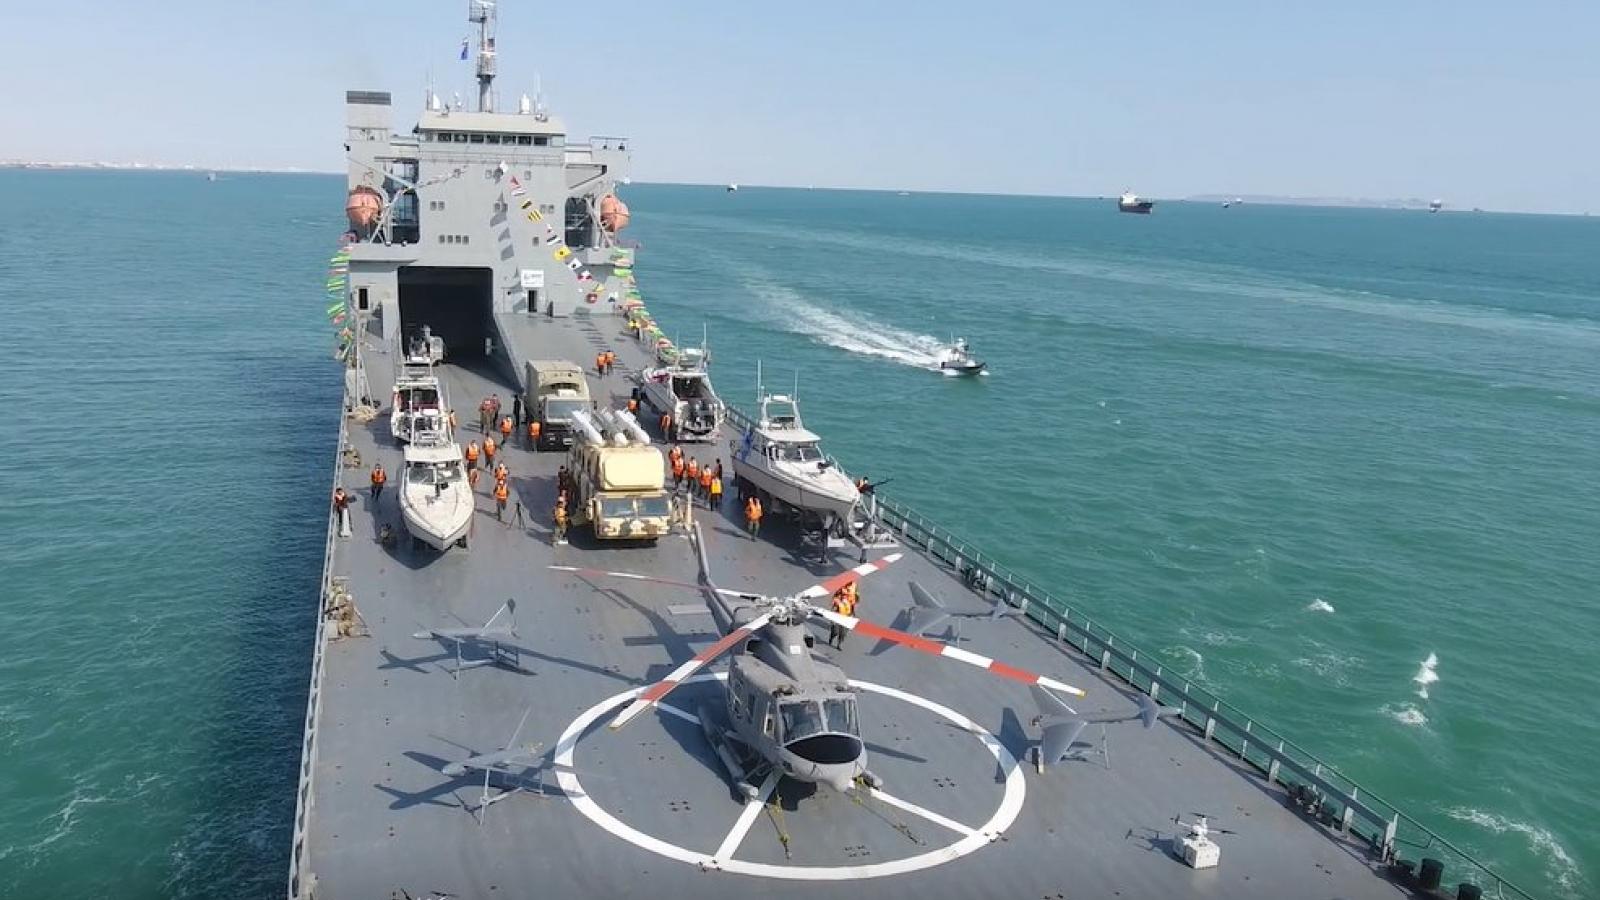 Iran ra mắt chiến hạm vượt đại dương được trang bị tên lửa hiện đại